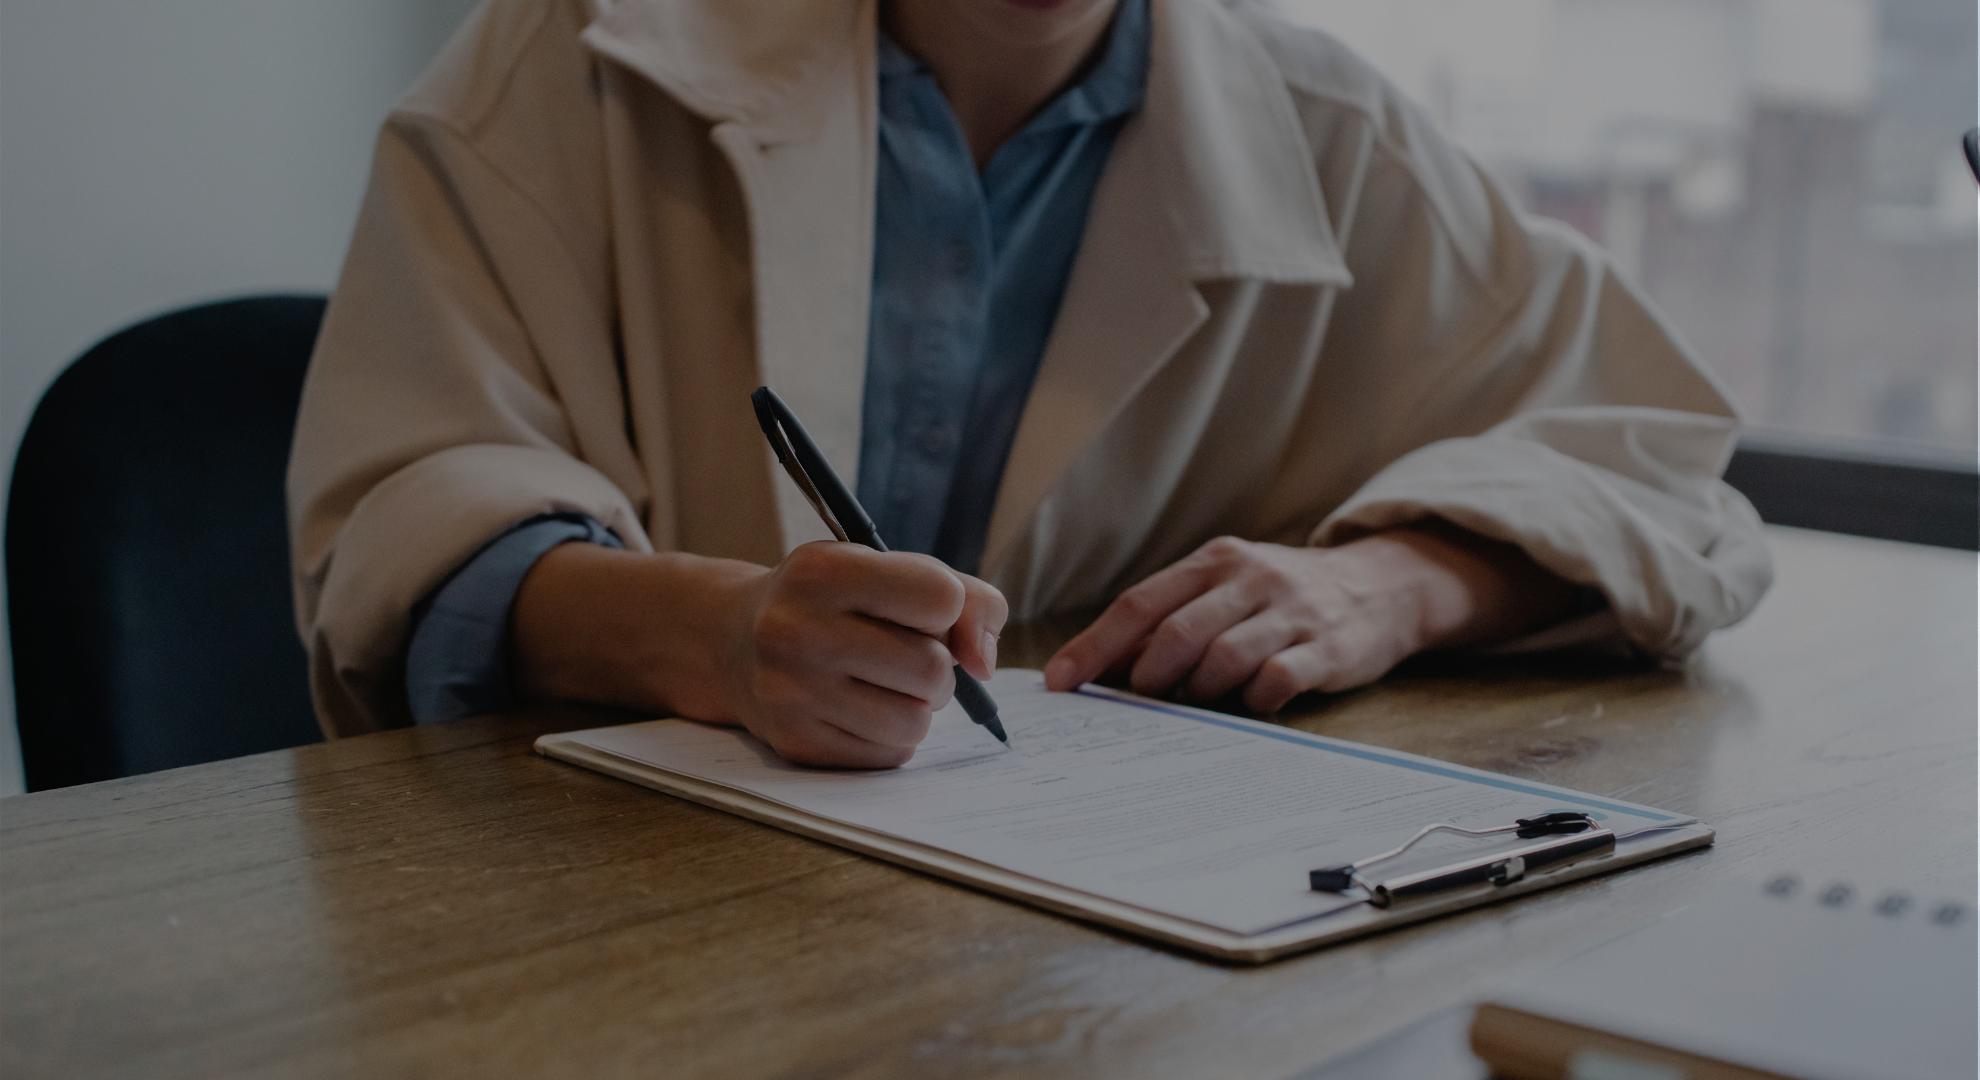 ¿Qué tests pueden hacerte en una entrevista laboral?